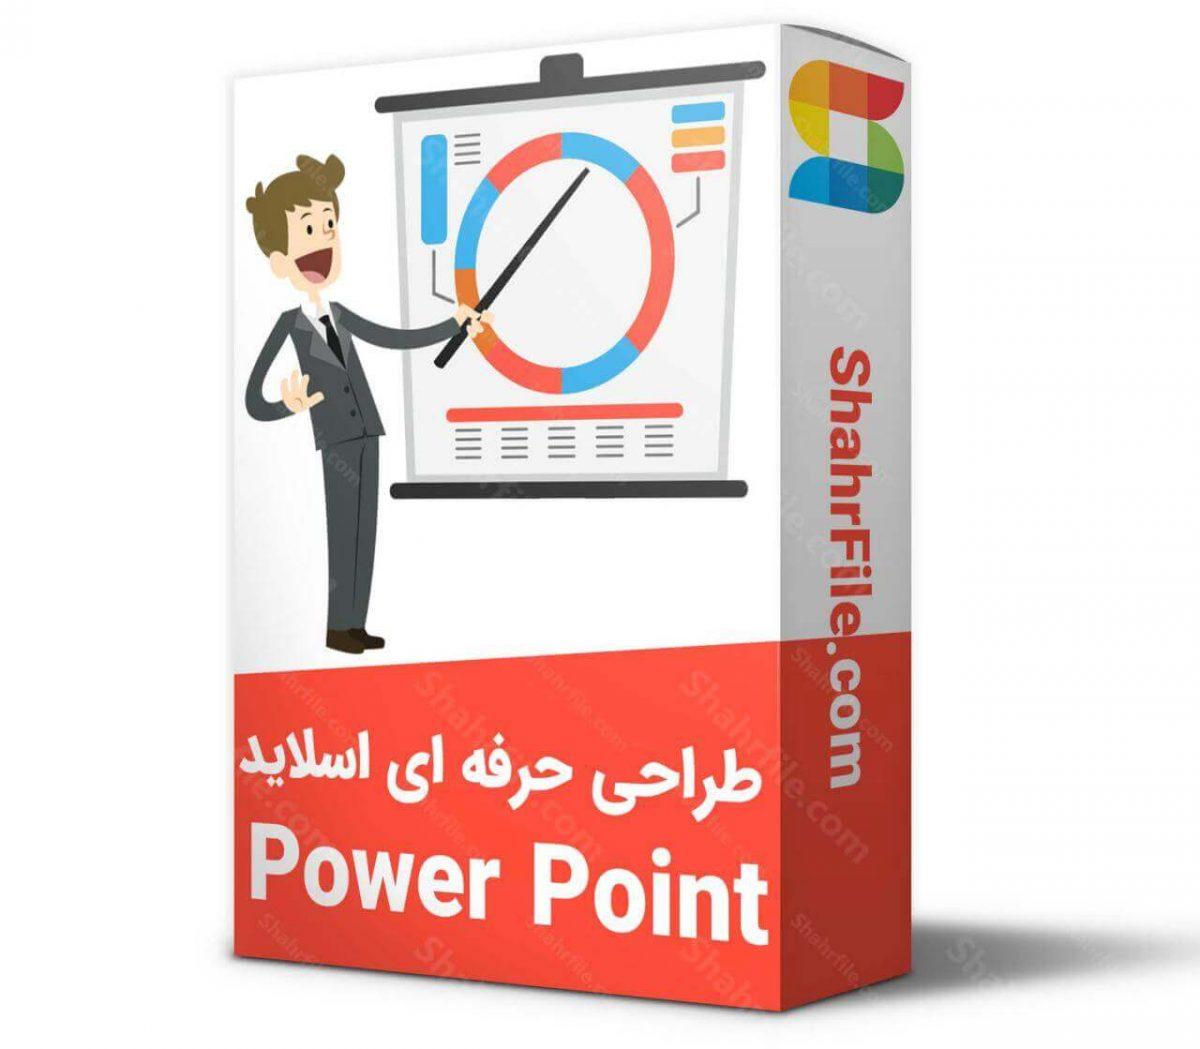 آموزش طراحی حرفه ای اسلاید در PowerPoint پاورپوینت و گرافیک